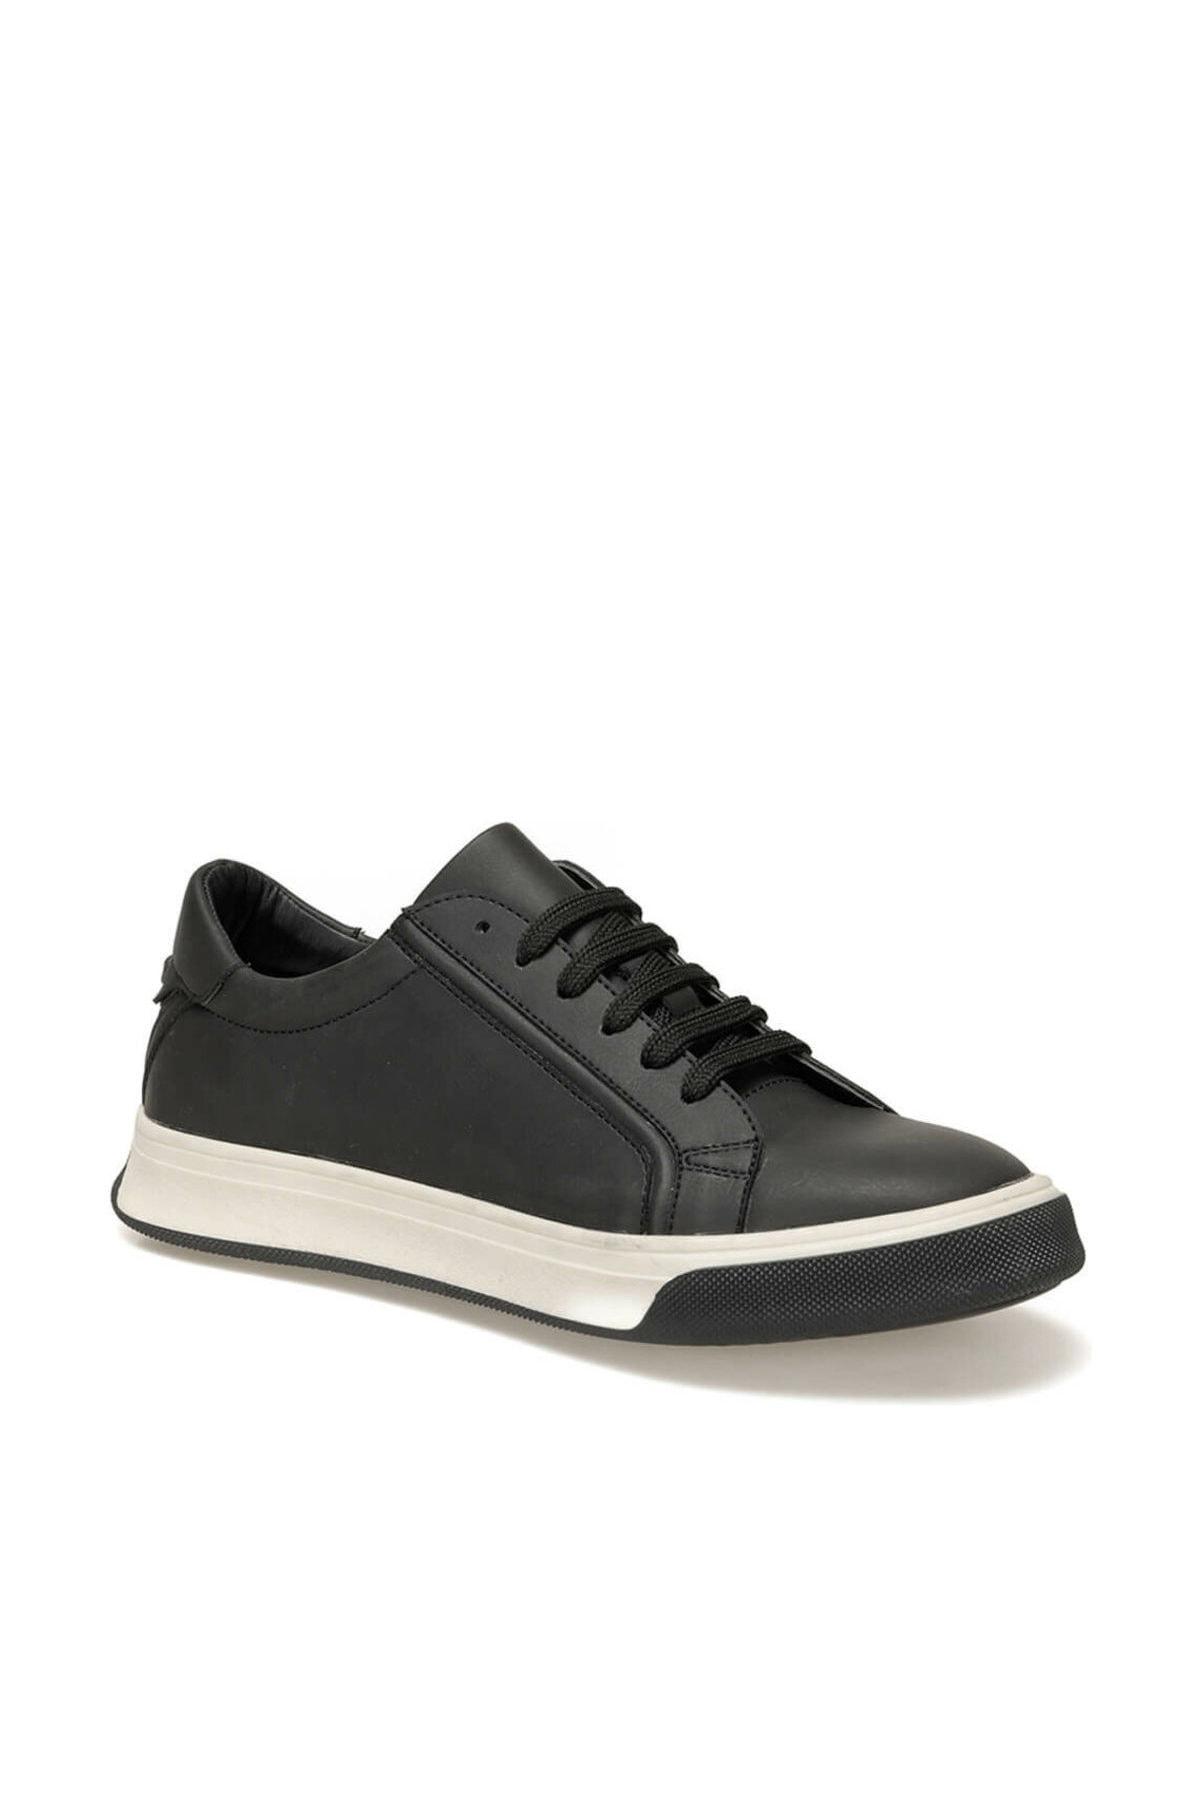 FORESTER 9104 Siyah Erkek Ayakkabı 100440983 1